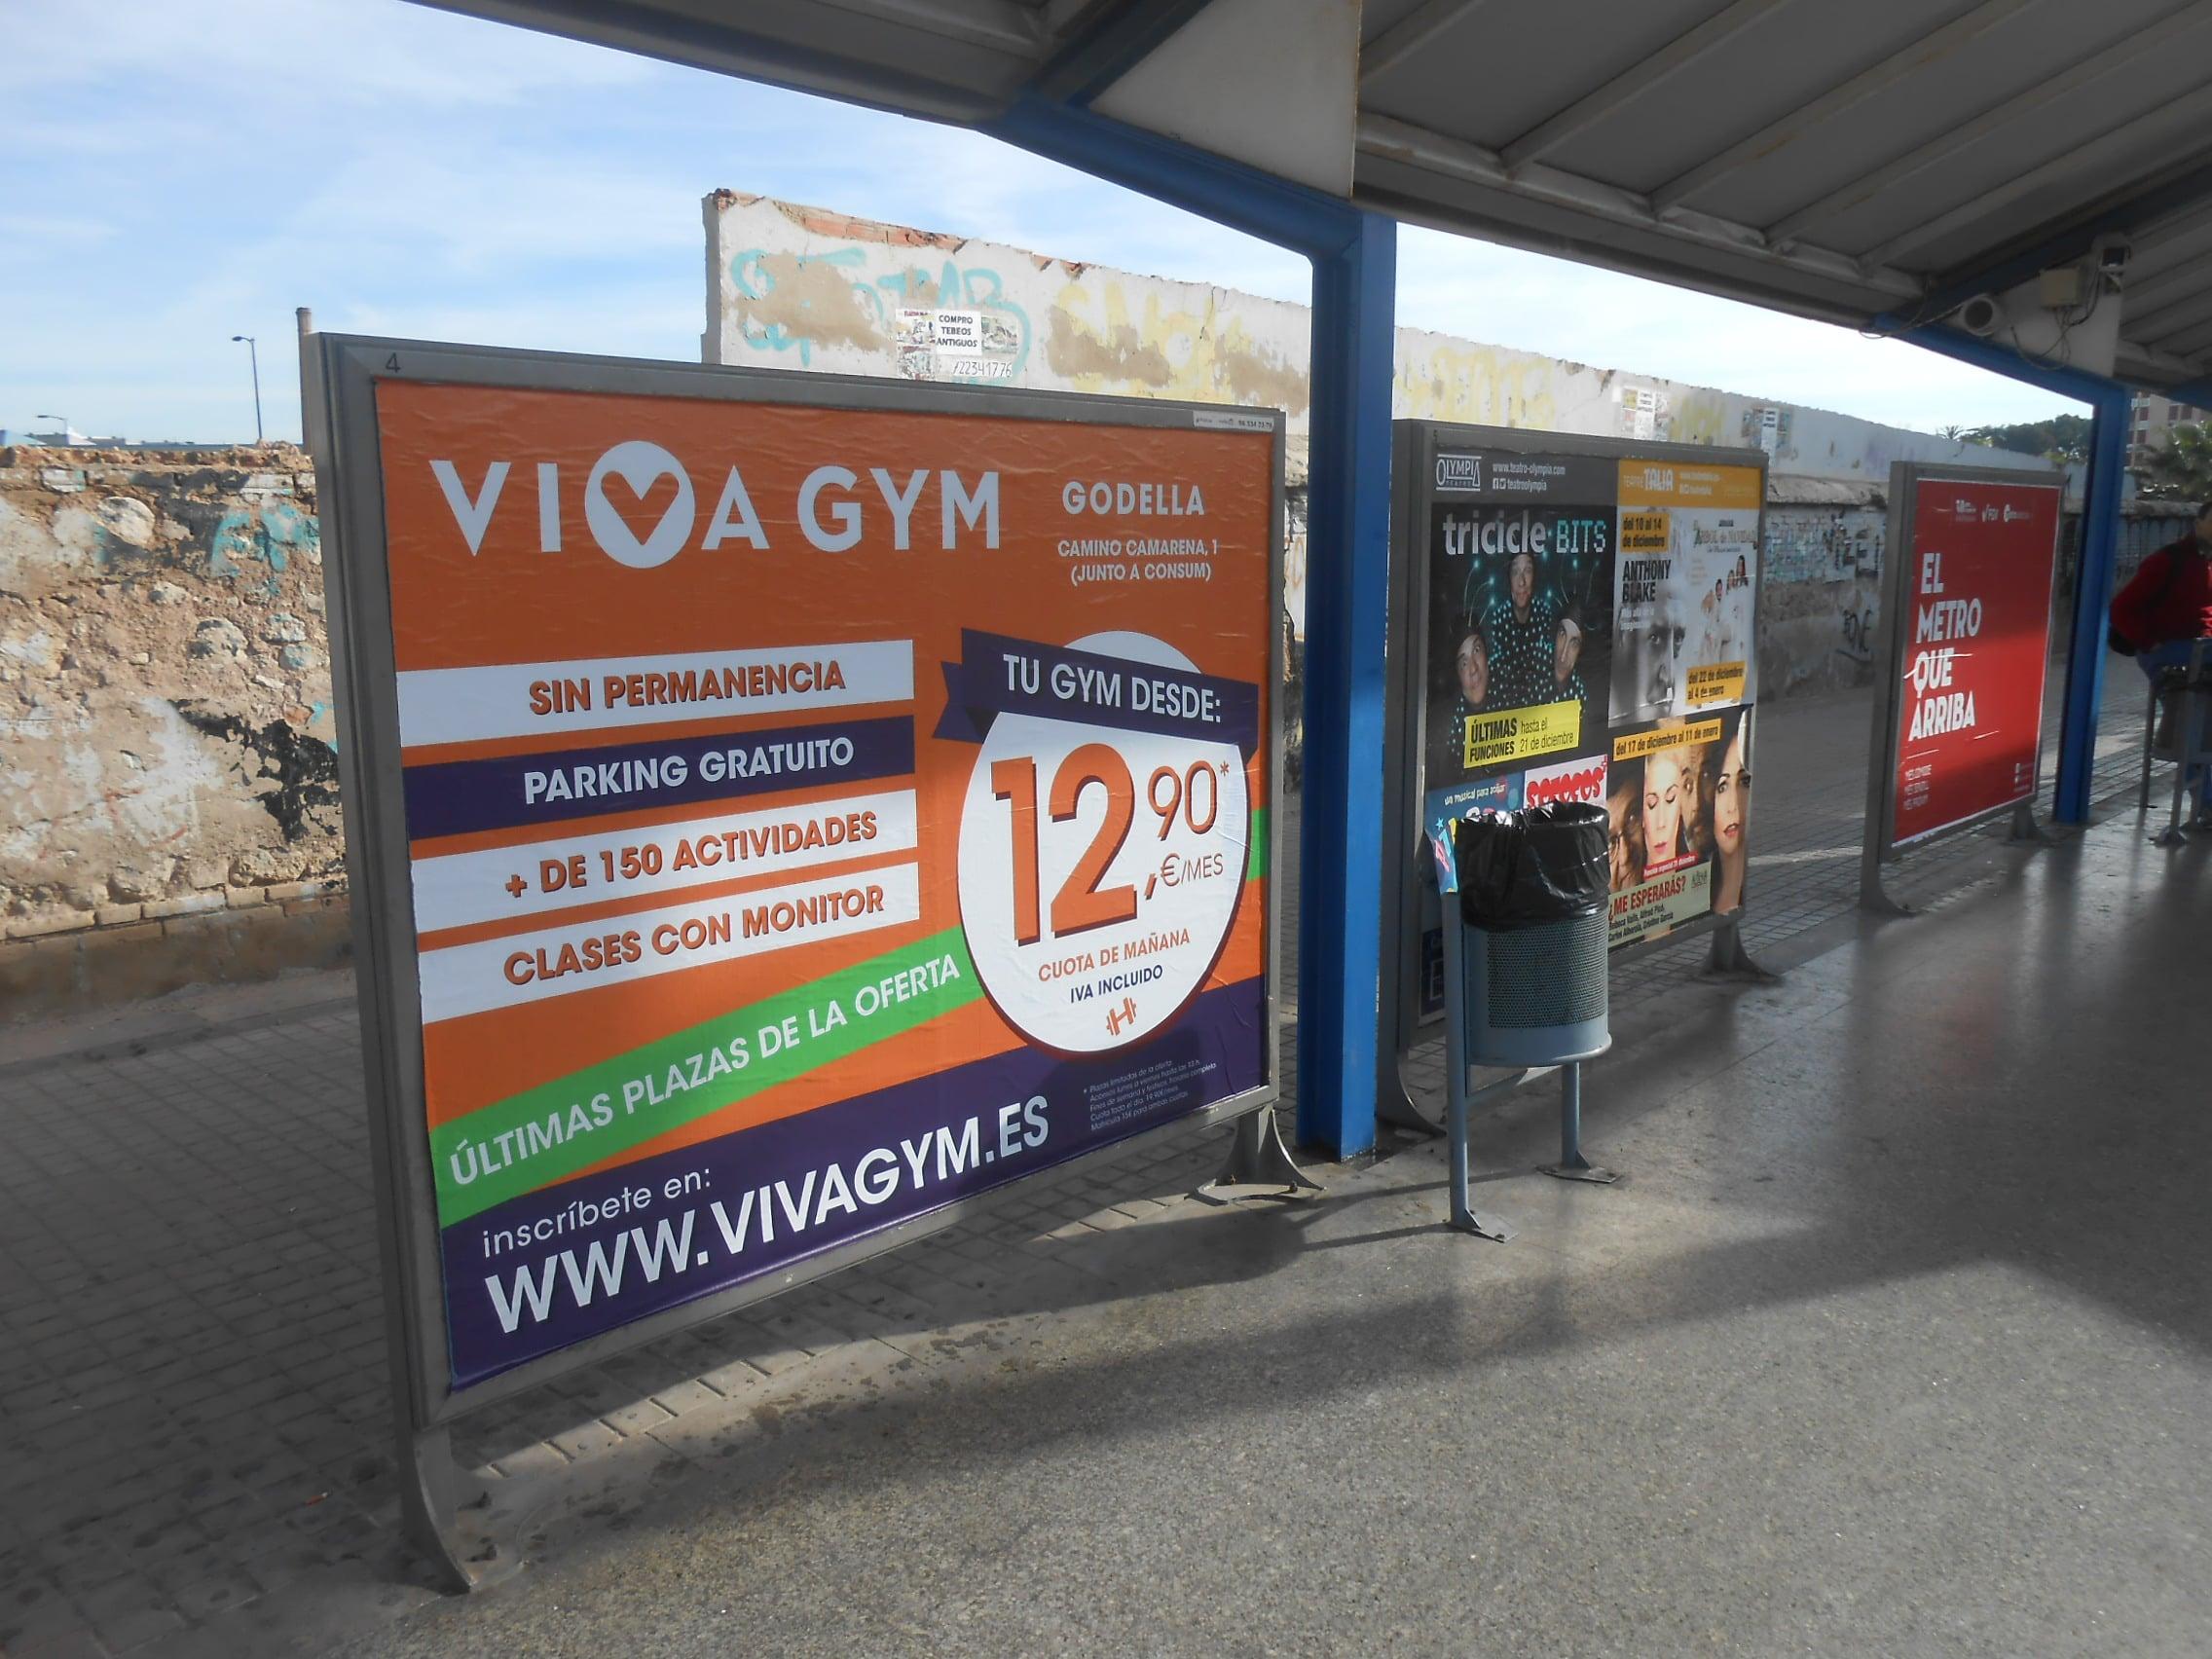 Viva Gym Godella